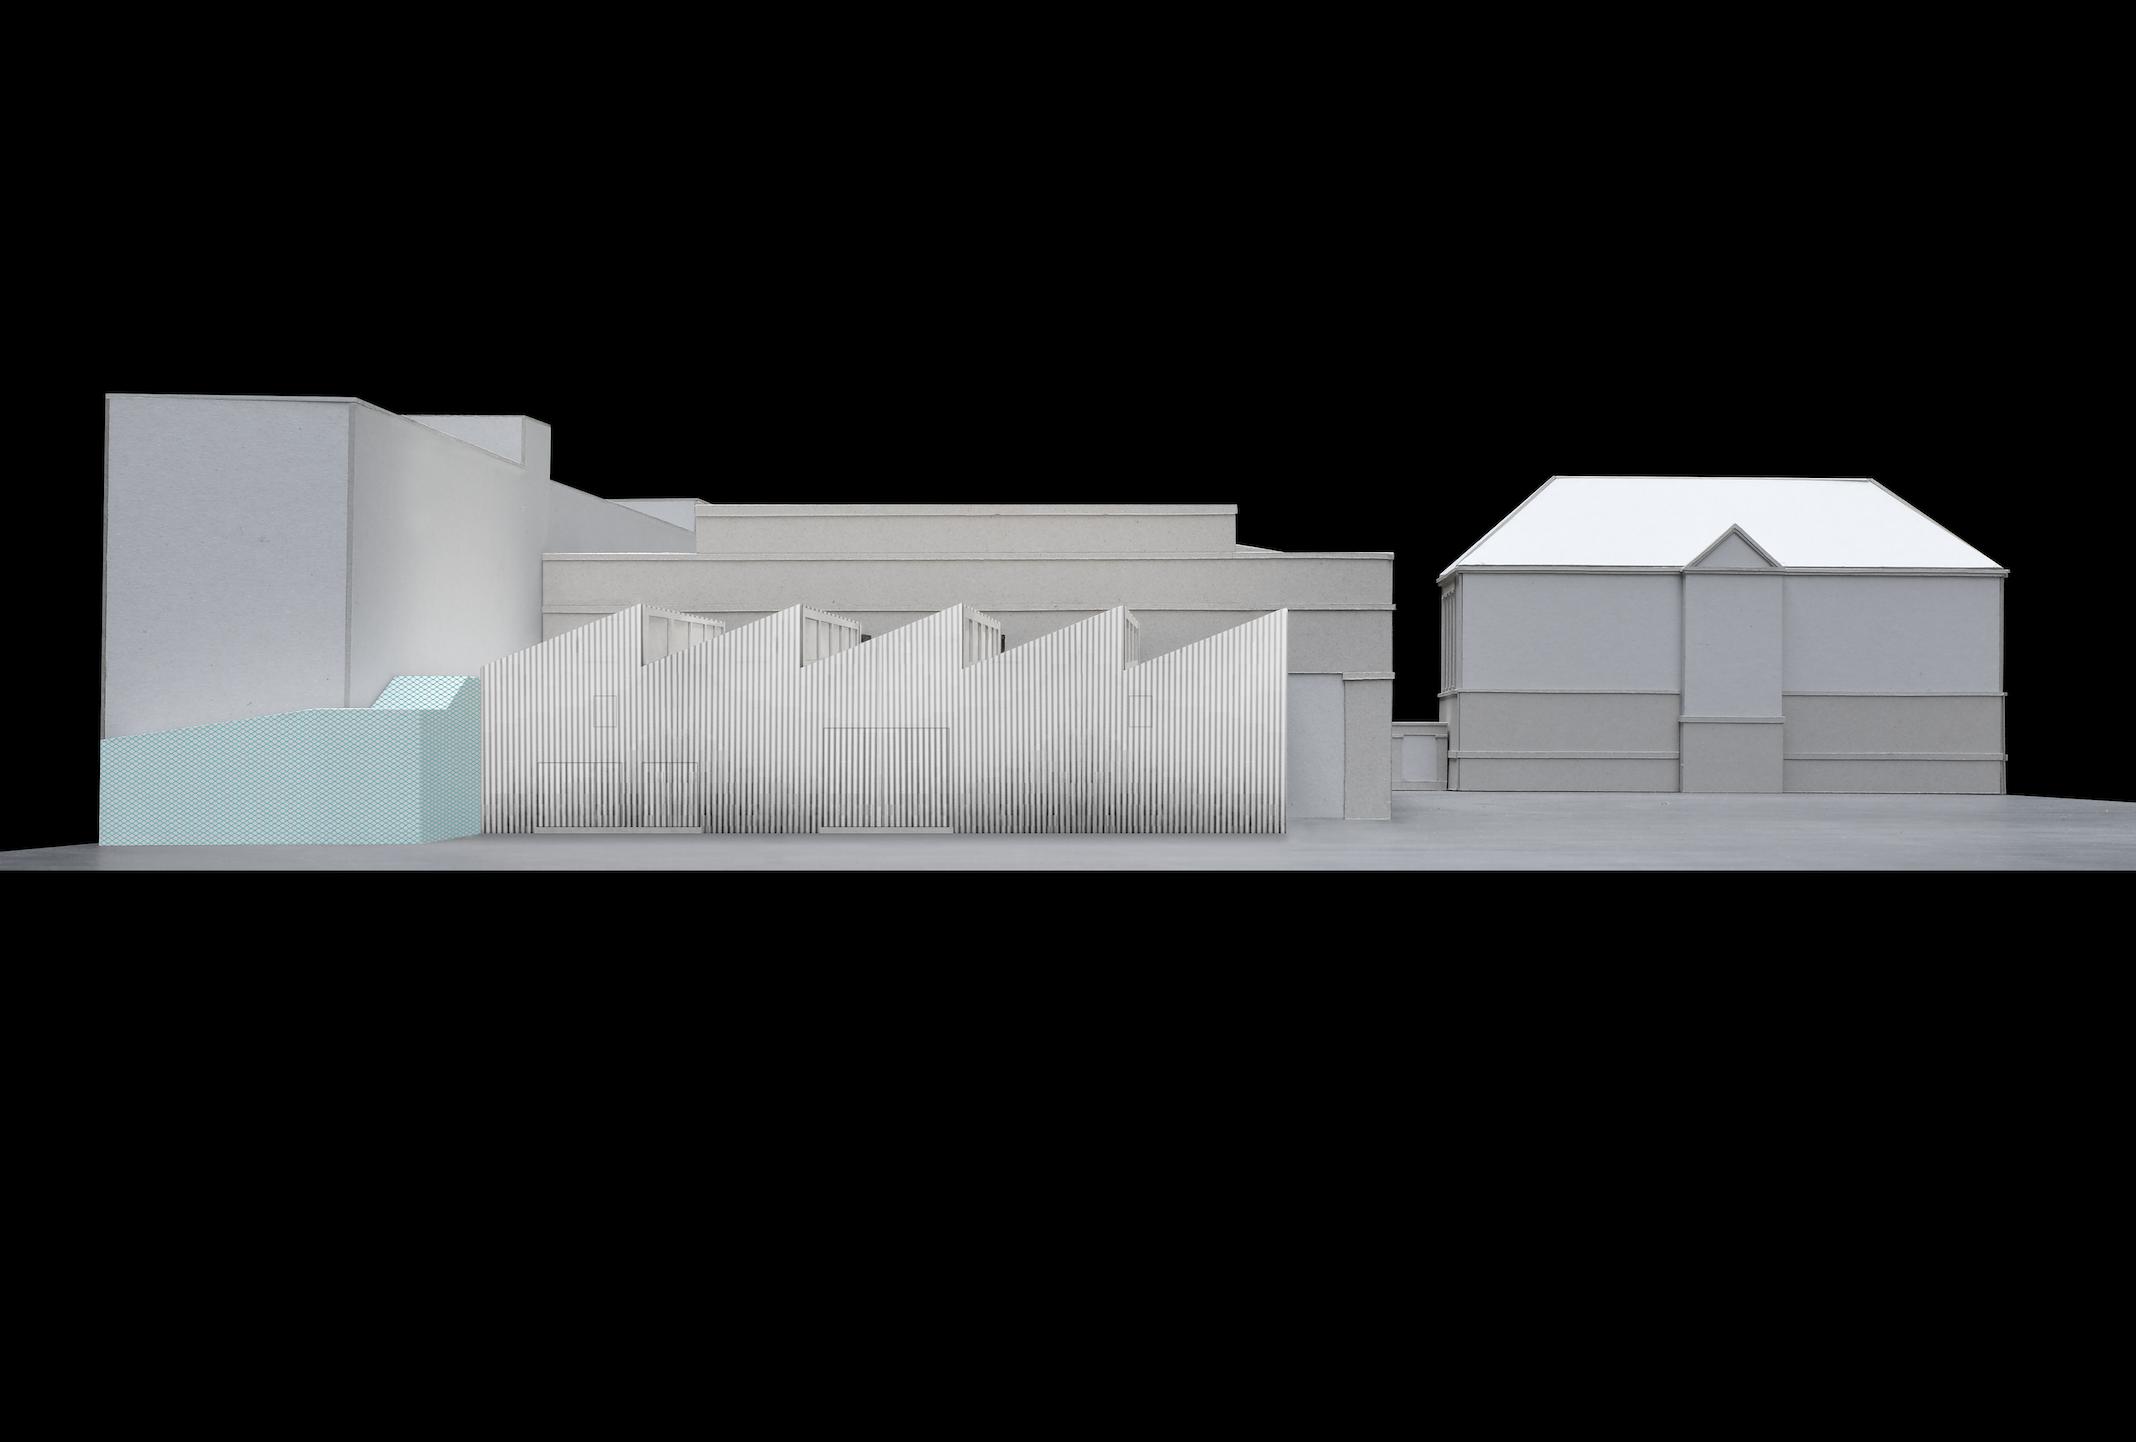 Rheinstahlhalle Modellfoto Rückbau Tanja Lincke Architekten